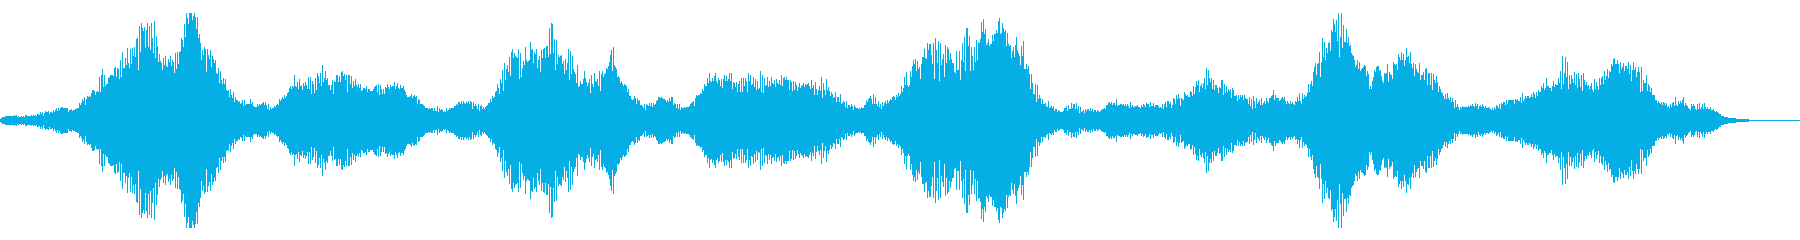 不気味な振動の再生済みの波形